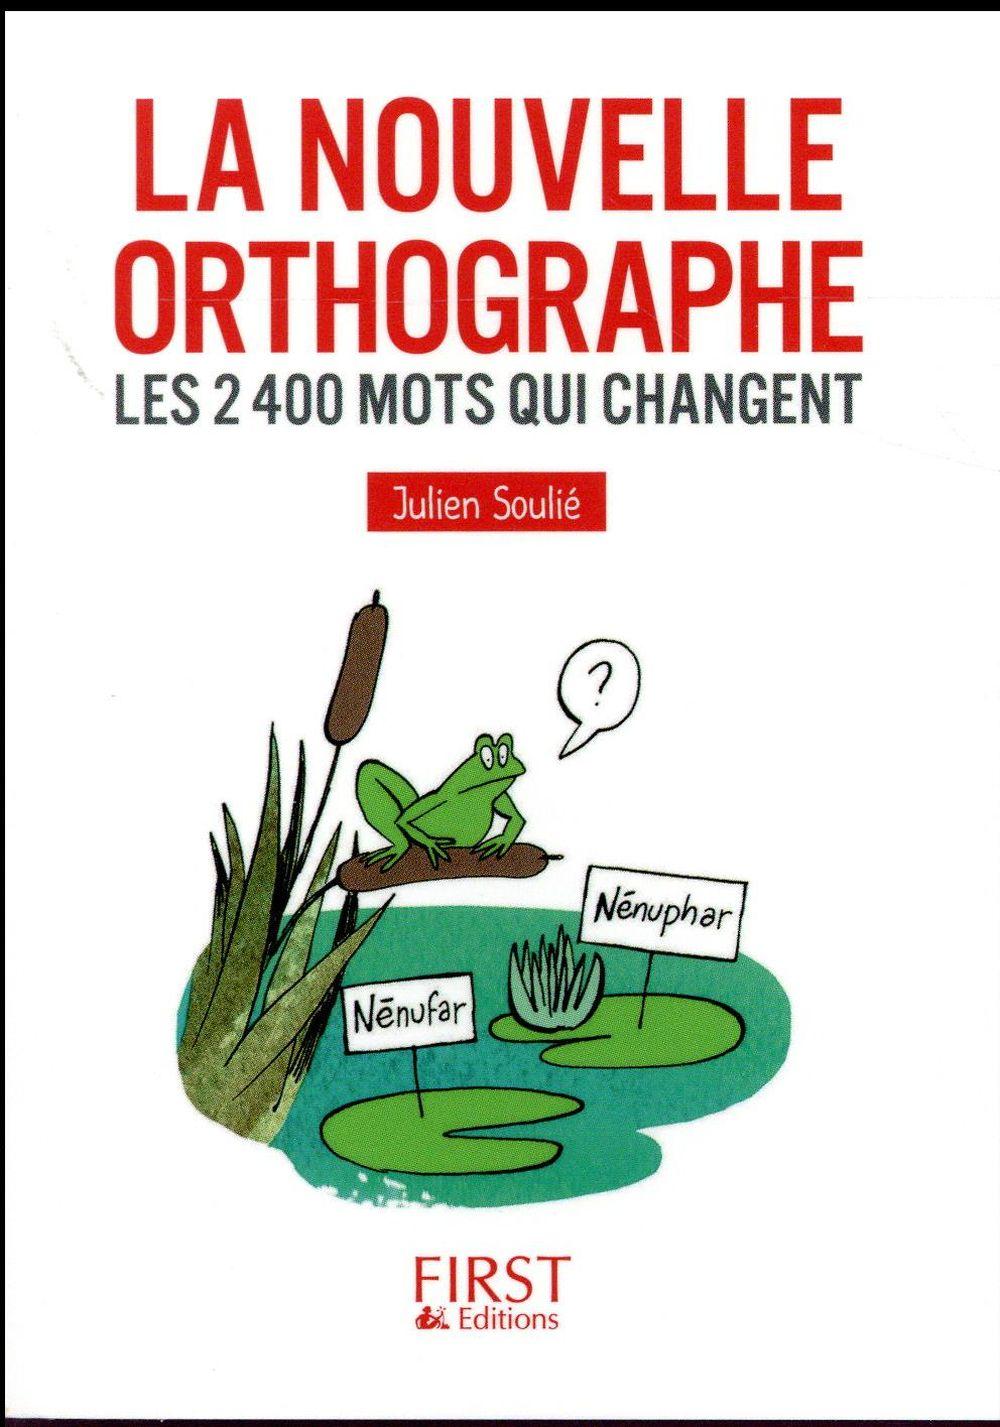 LA NOUVELLE ORTHOGRAPHE     LES 2400 MOTS QUI CHANGENT